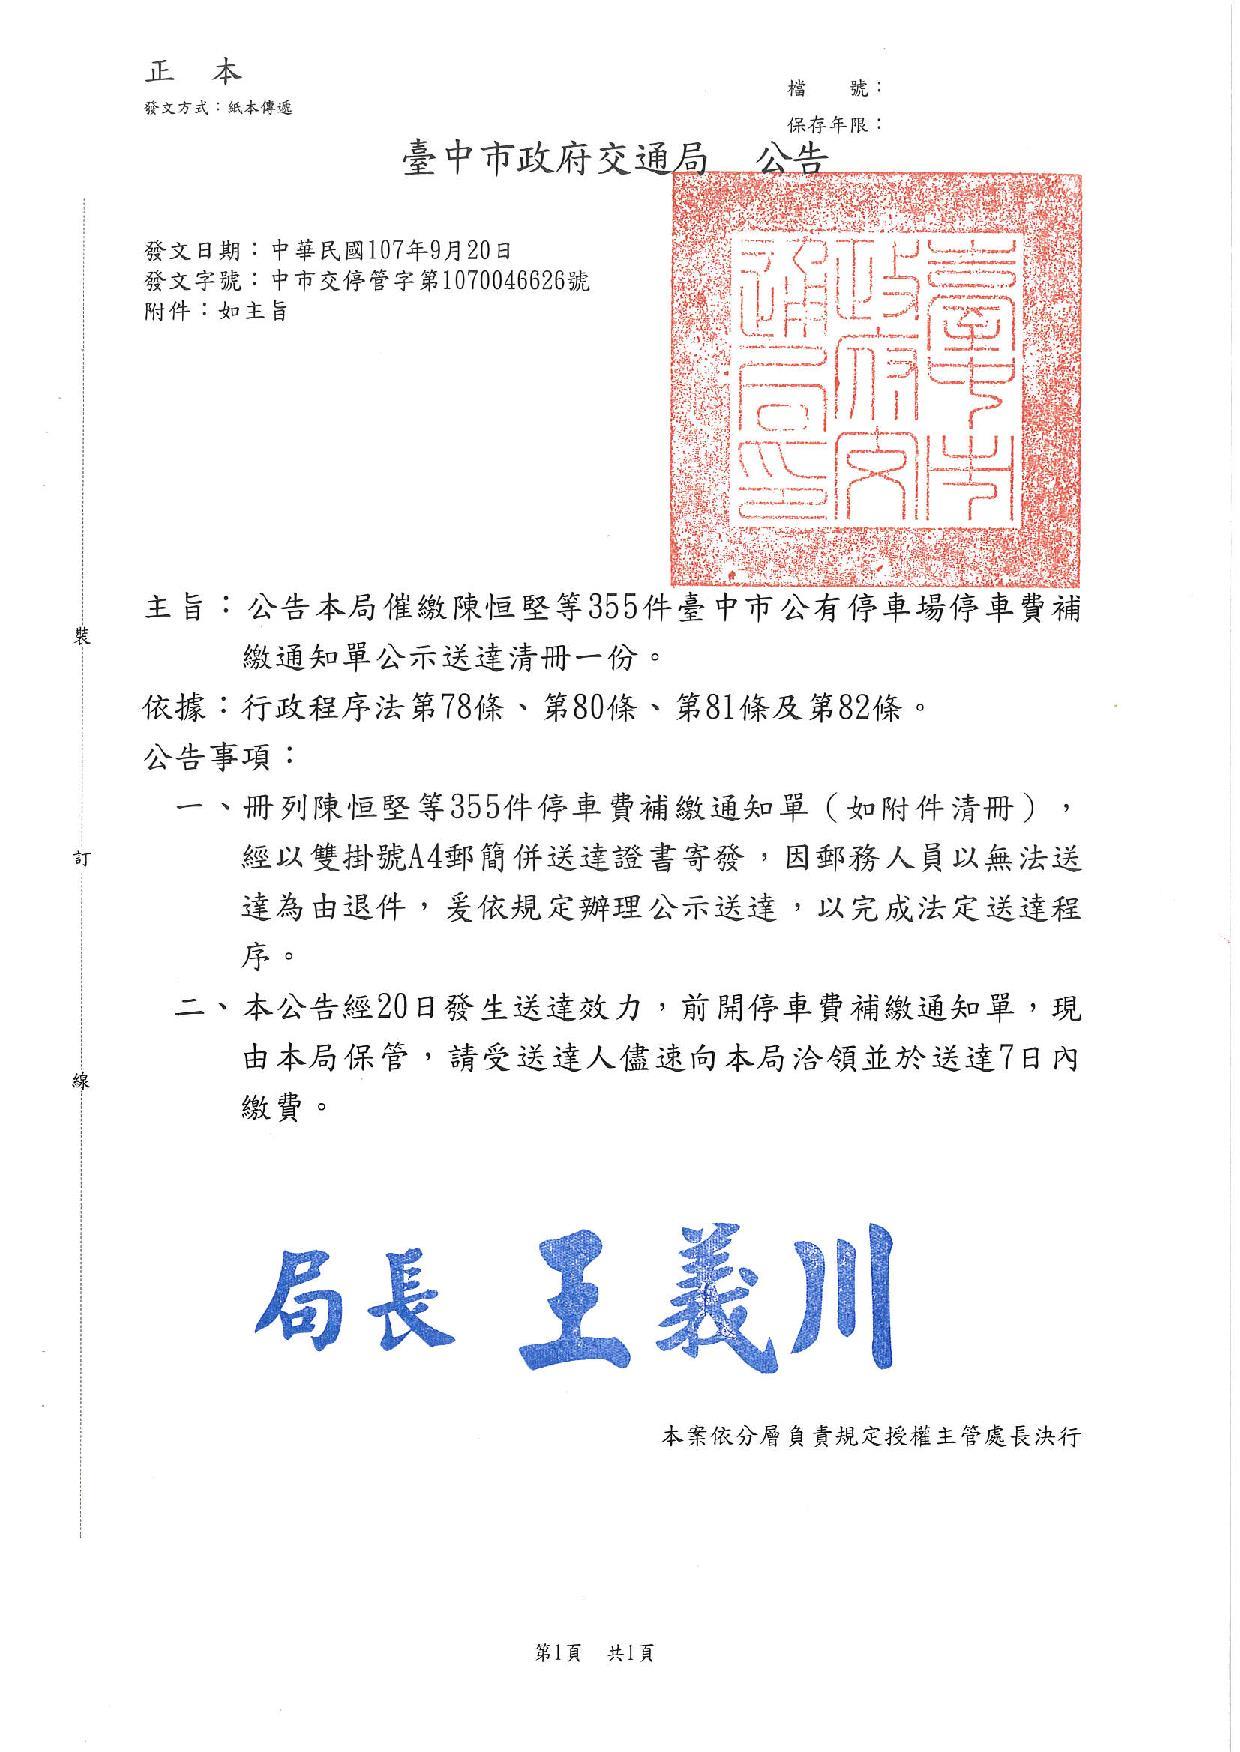 臺中市政府交通局停車費補繳公告 (2)